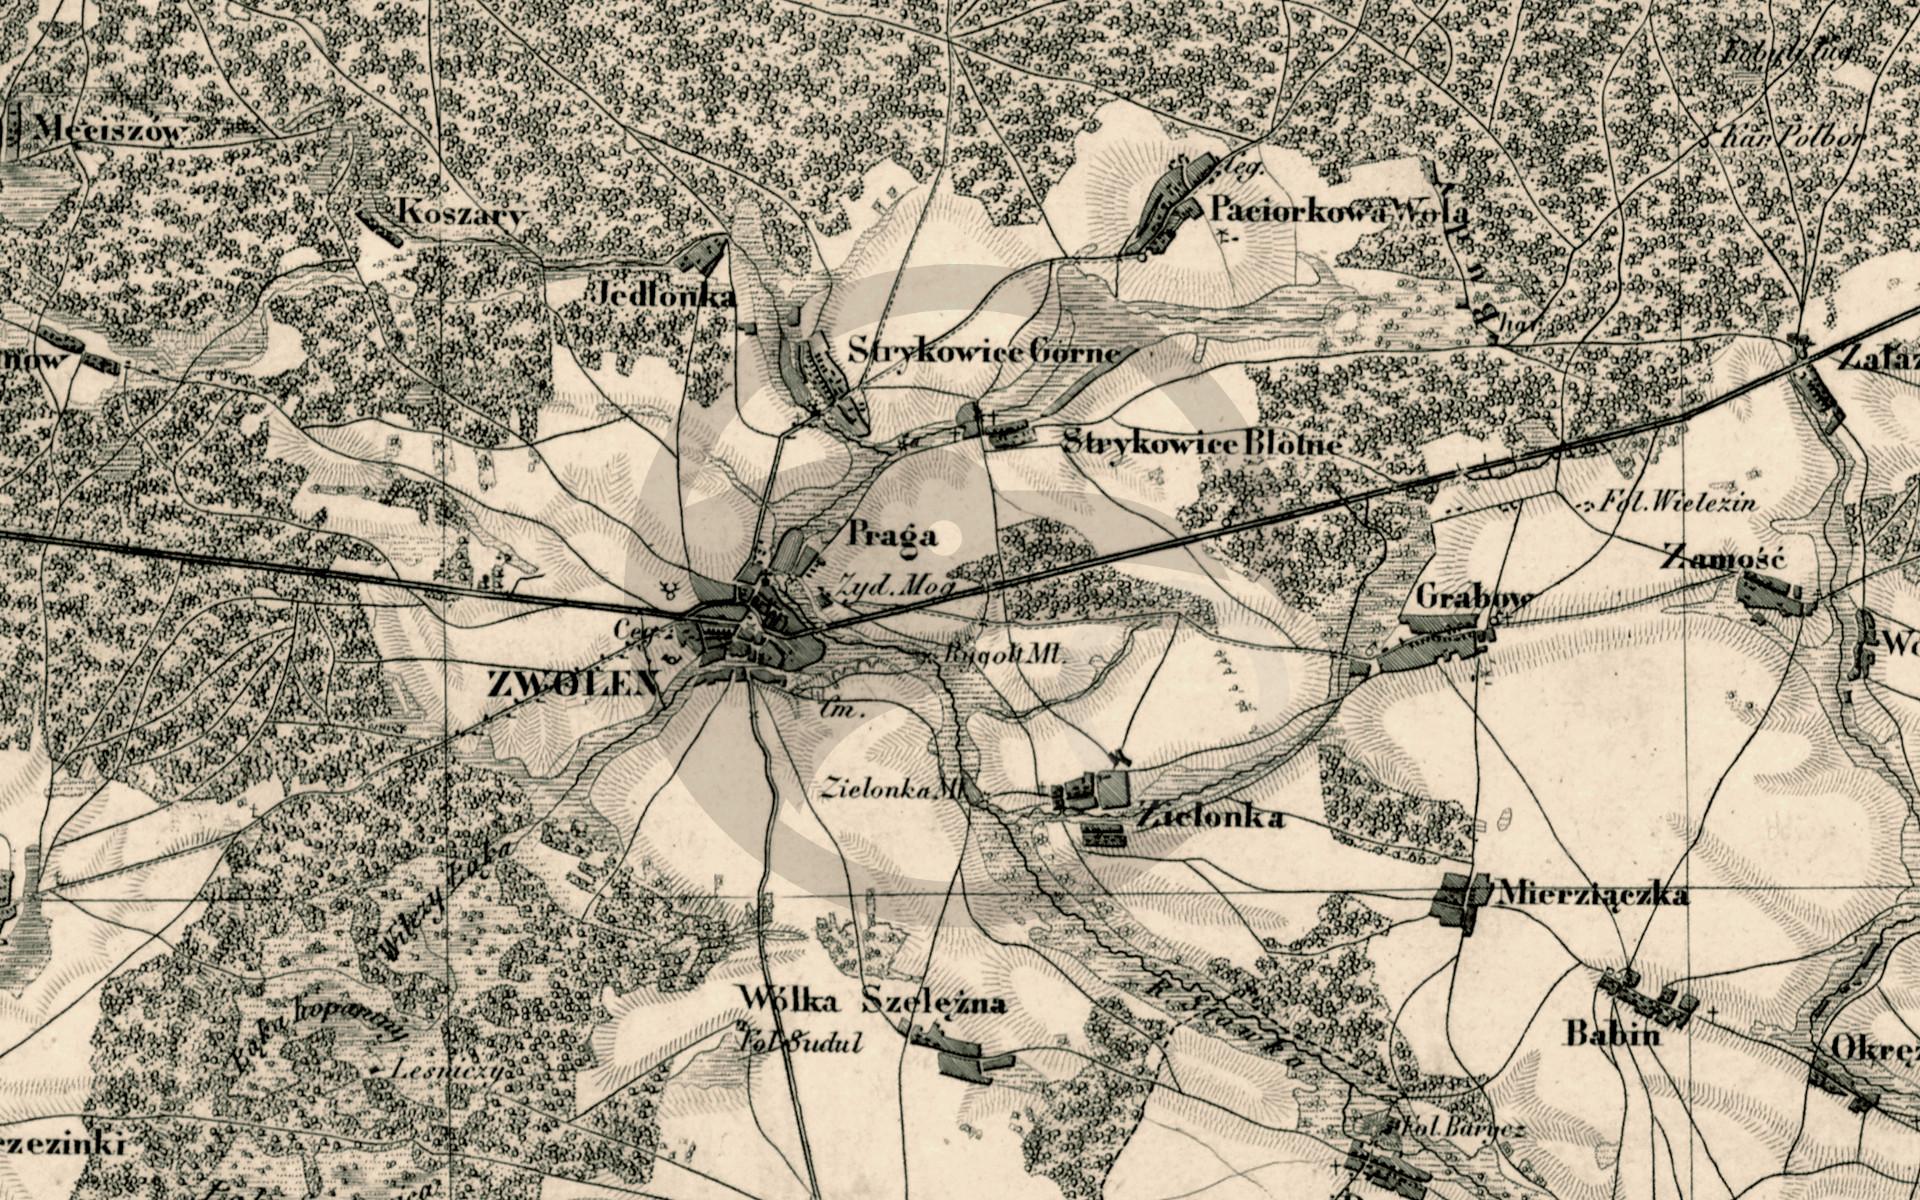 Topograficzna karta Królestwa Polskiego z 1843 r.; zbiory Cyfrowej Biblioteki Narodowej Polona, sygn. ZZK 13 540-13 599